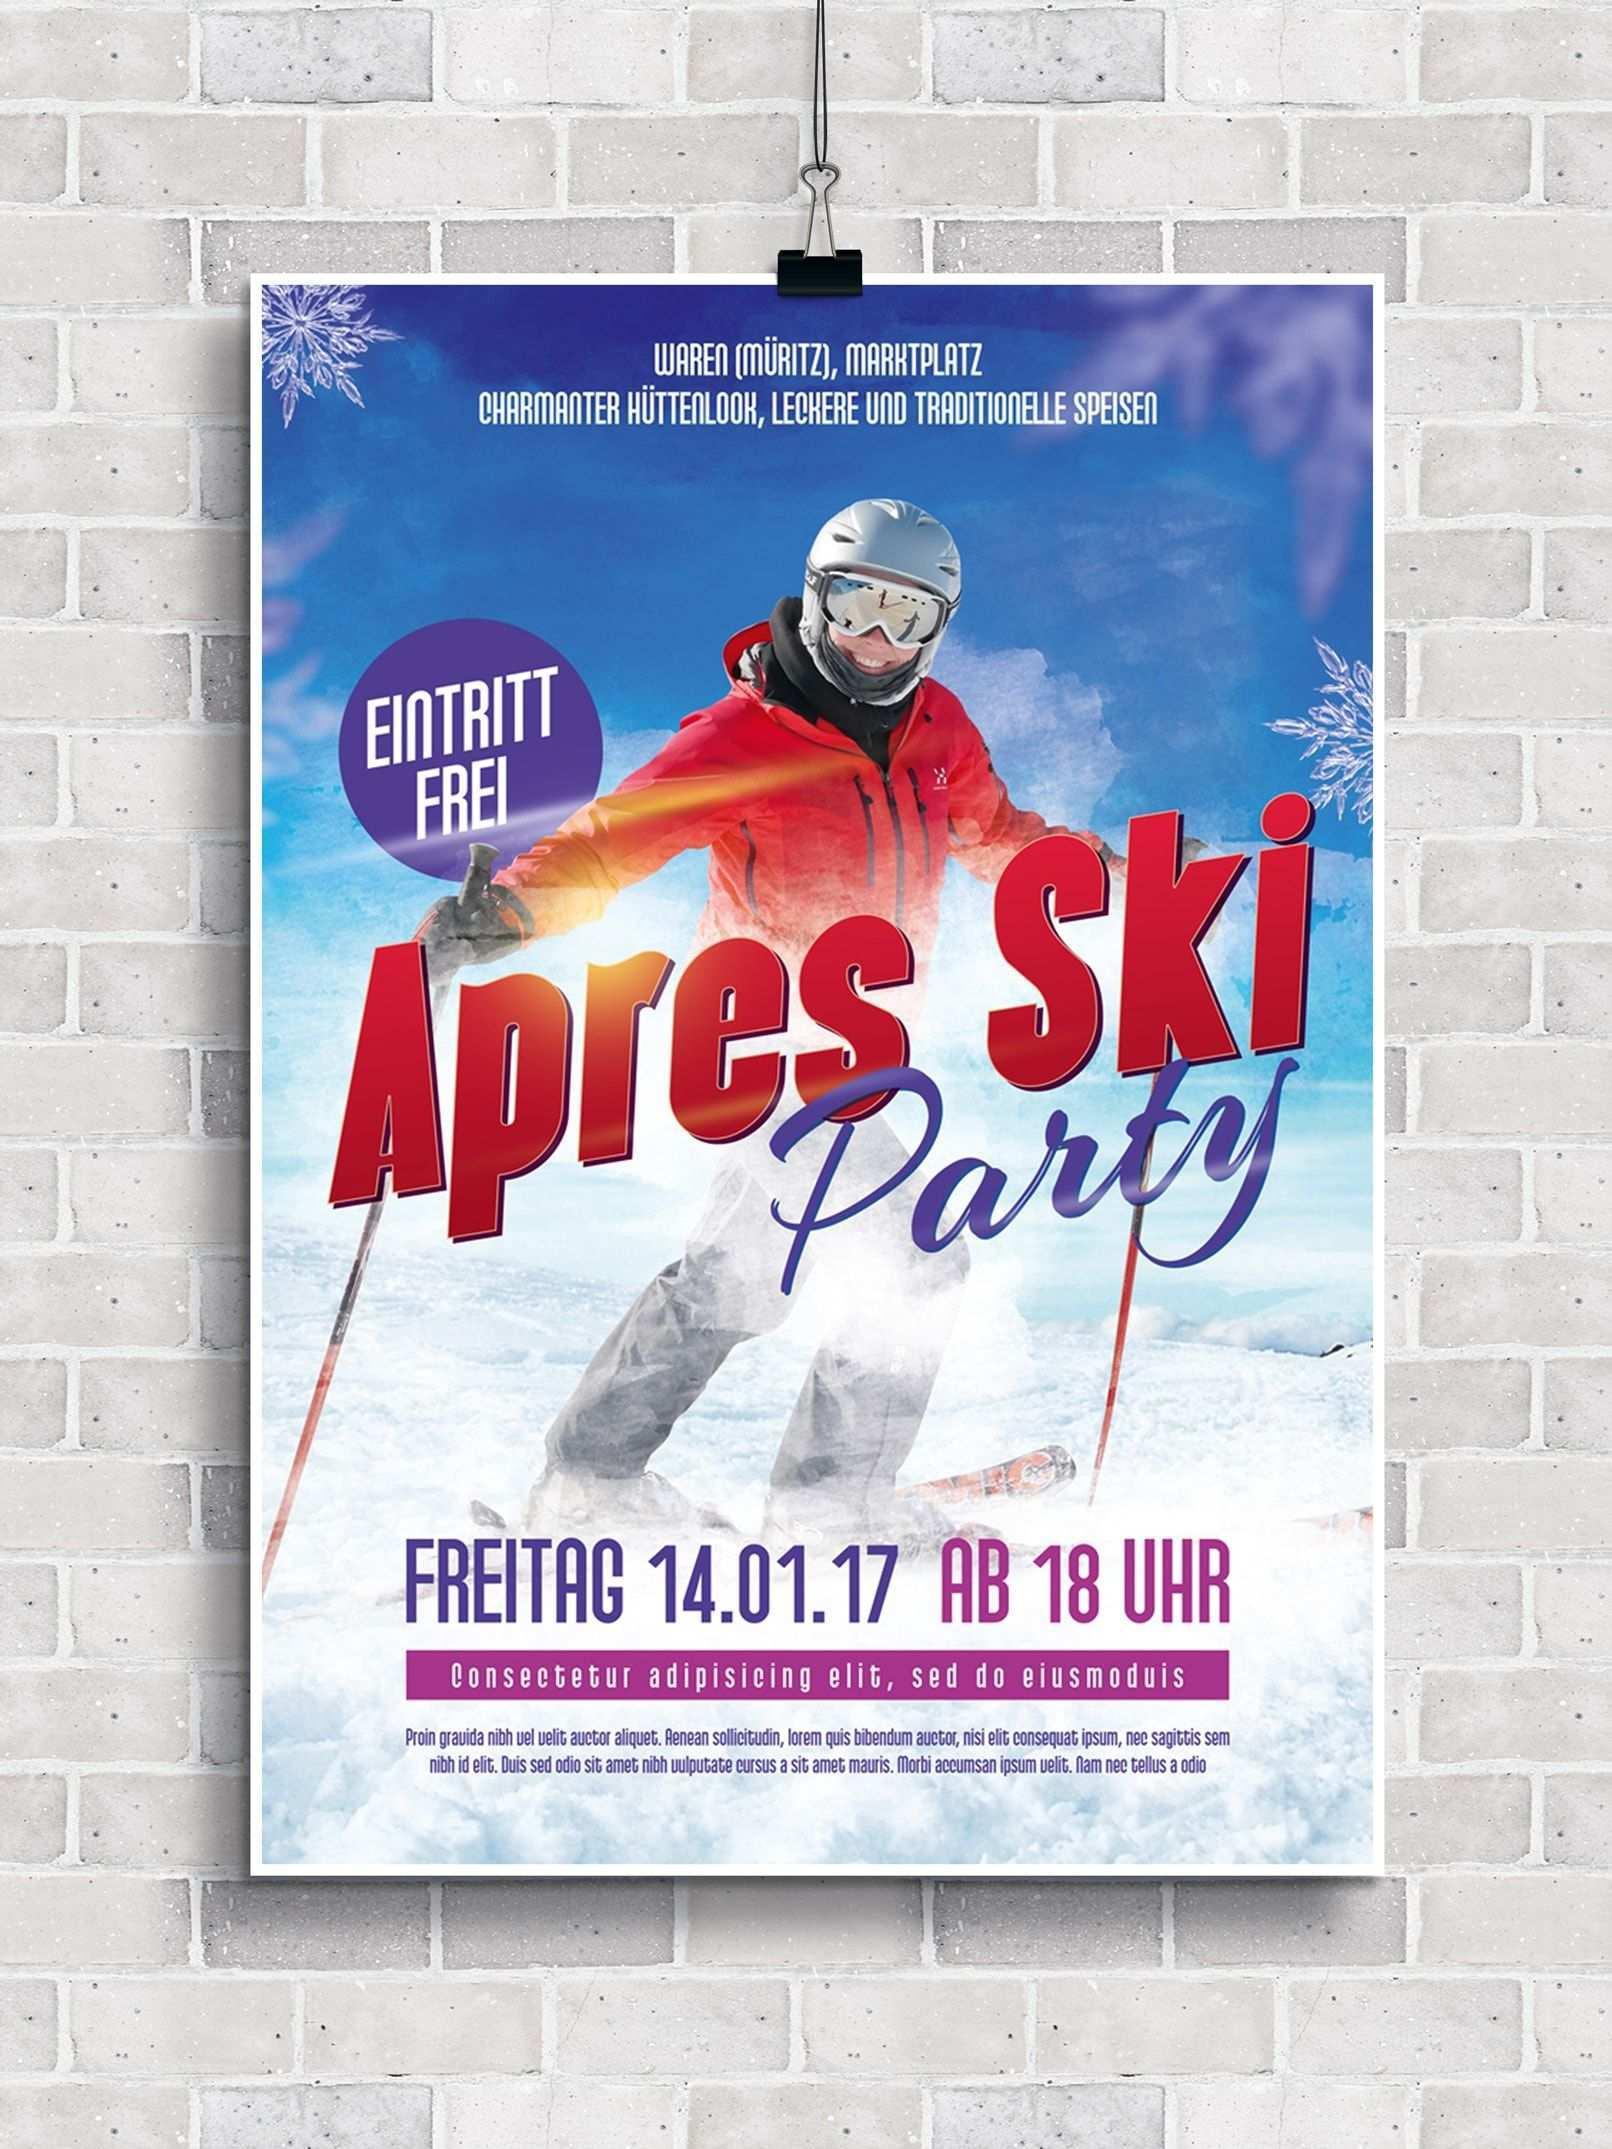 Flyer Vorlagen Fur Apres Ski Party Und Huttengaudi Flyer Vorlage Flyer Apres Ski Party